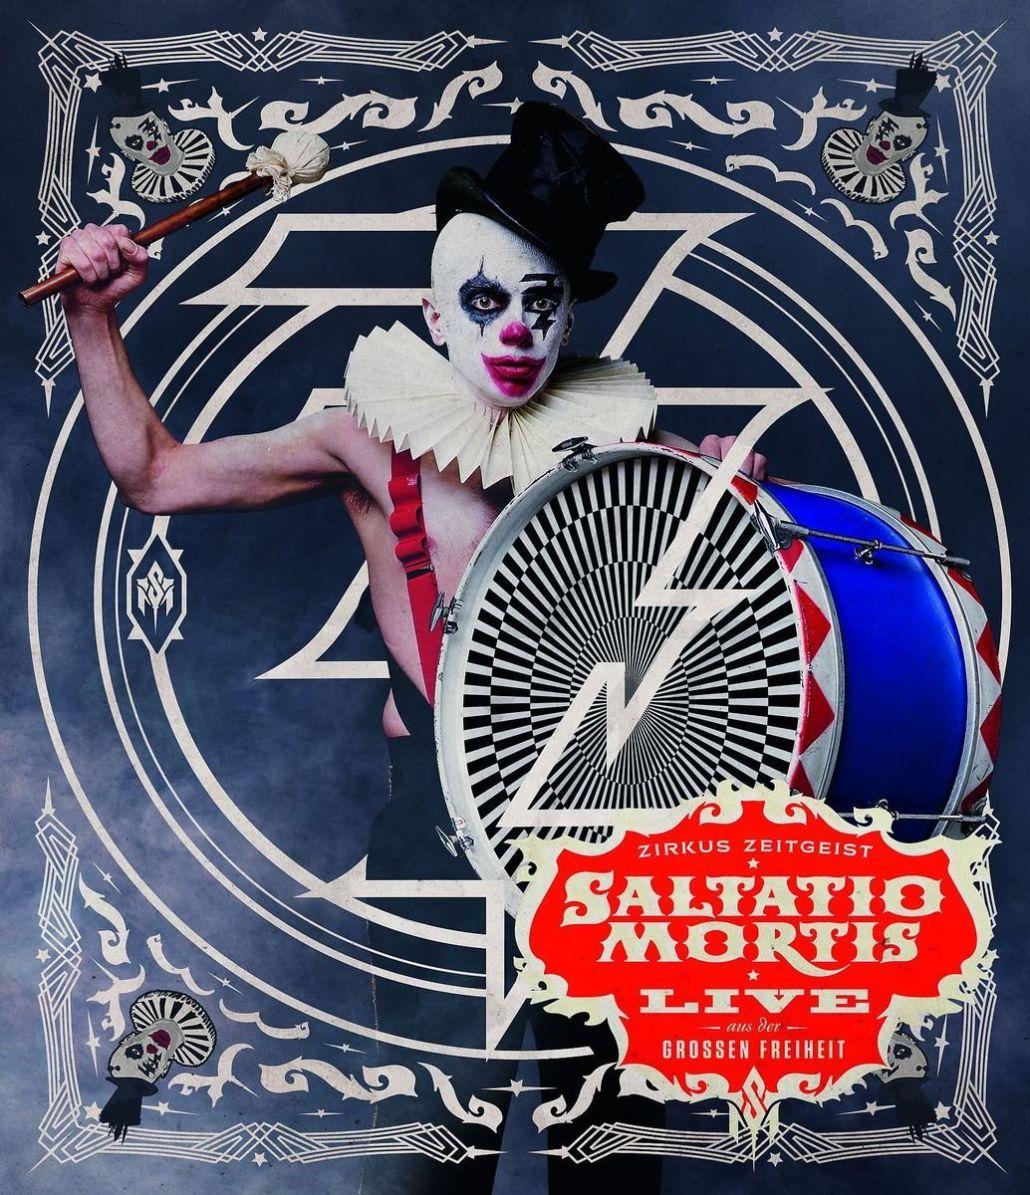 Saltatio Mortis – Live aus der Großen Freiheit